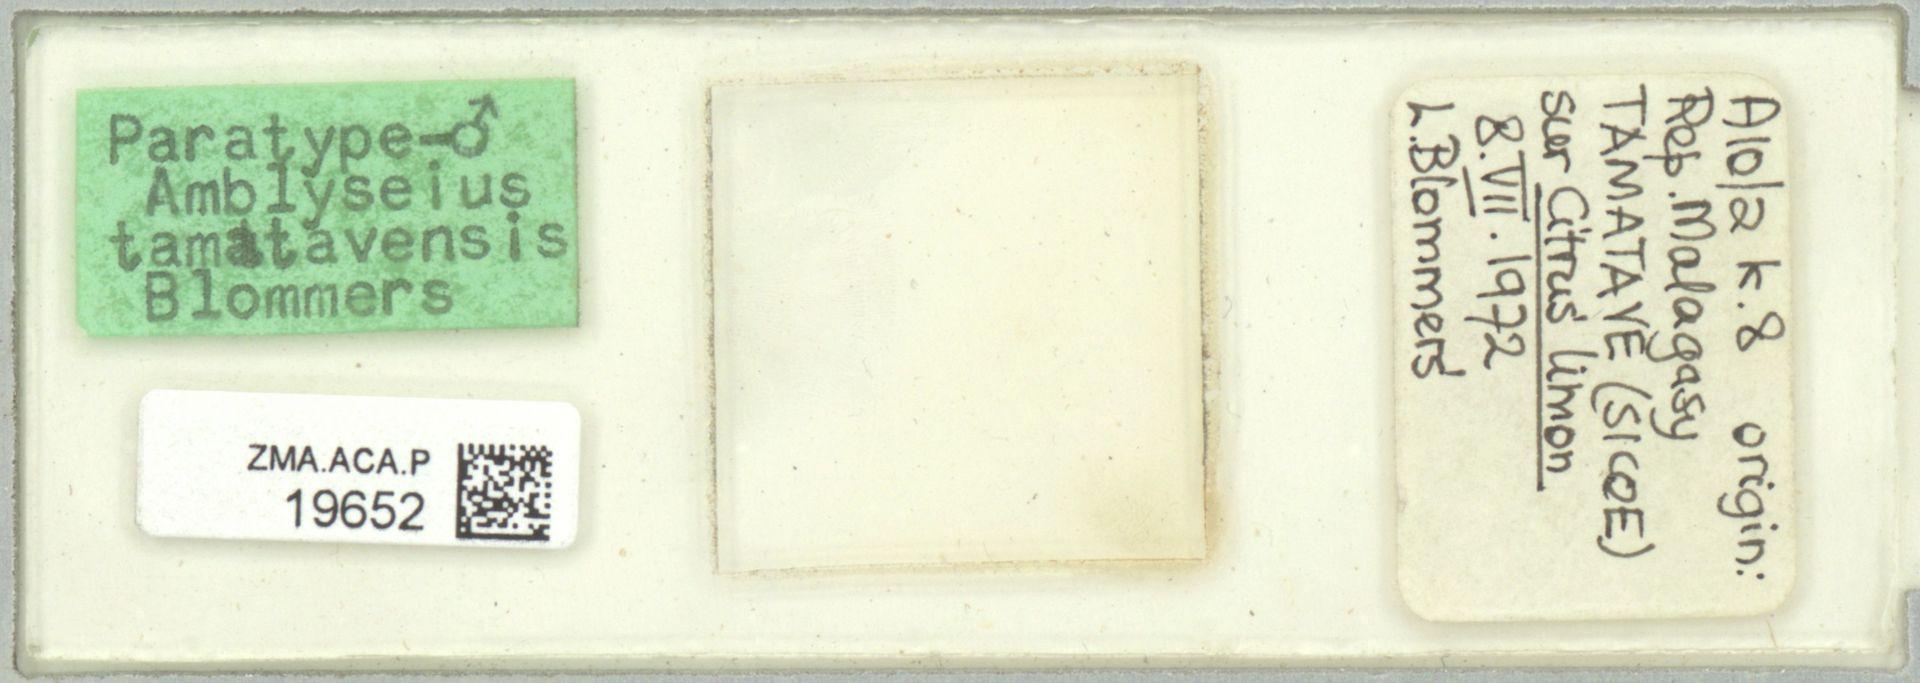 ZMA.ACA.P.19652 | Amblyseius (Amblyseius) tamatavensis Blommers